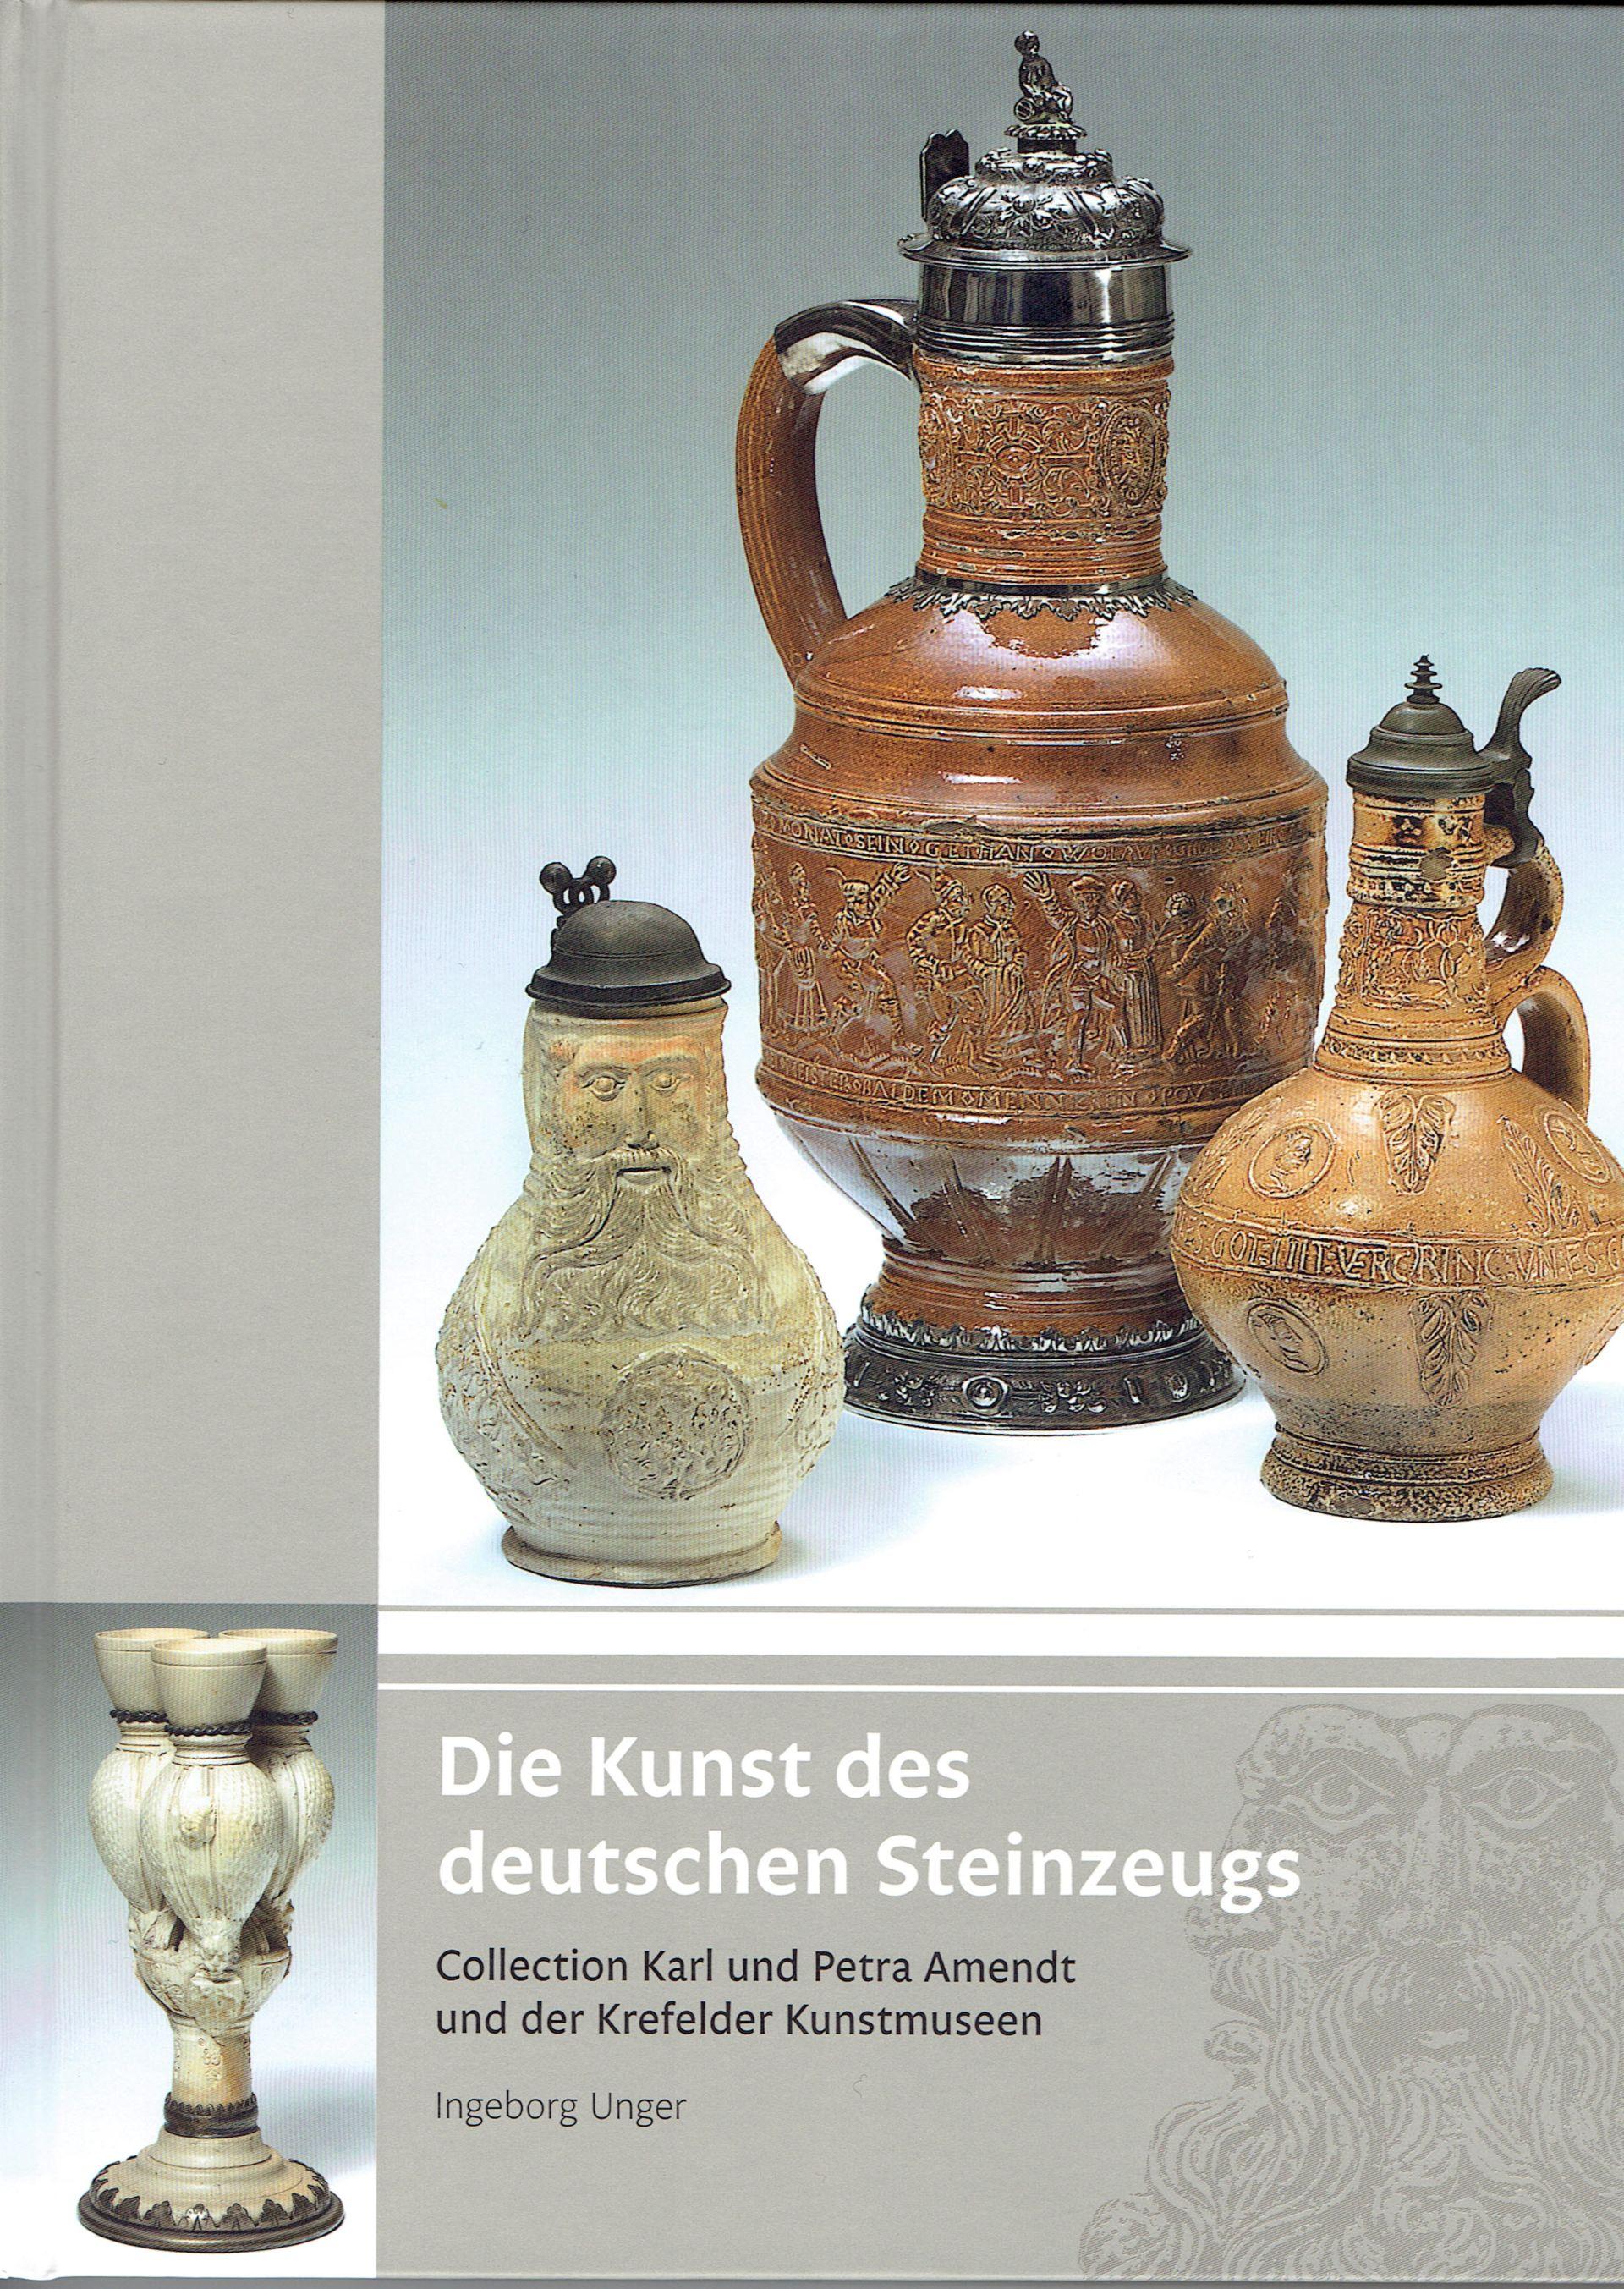 die-kunst-des-deutschen-steinzeugs-karl-und-peter-amendt-ingeborg-unger